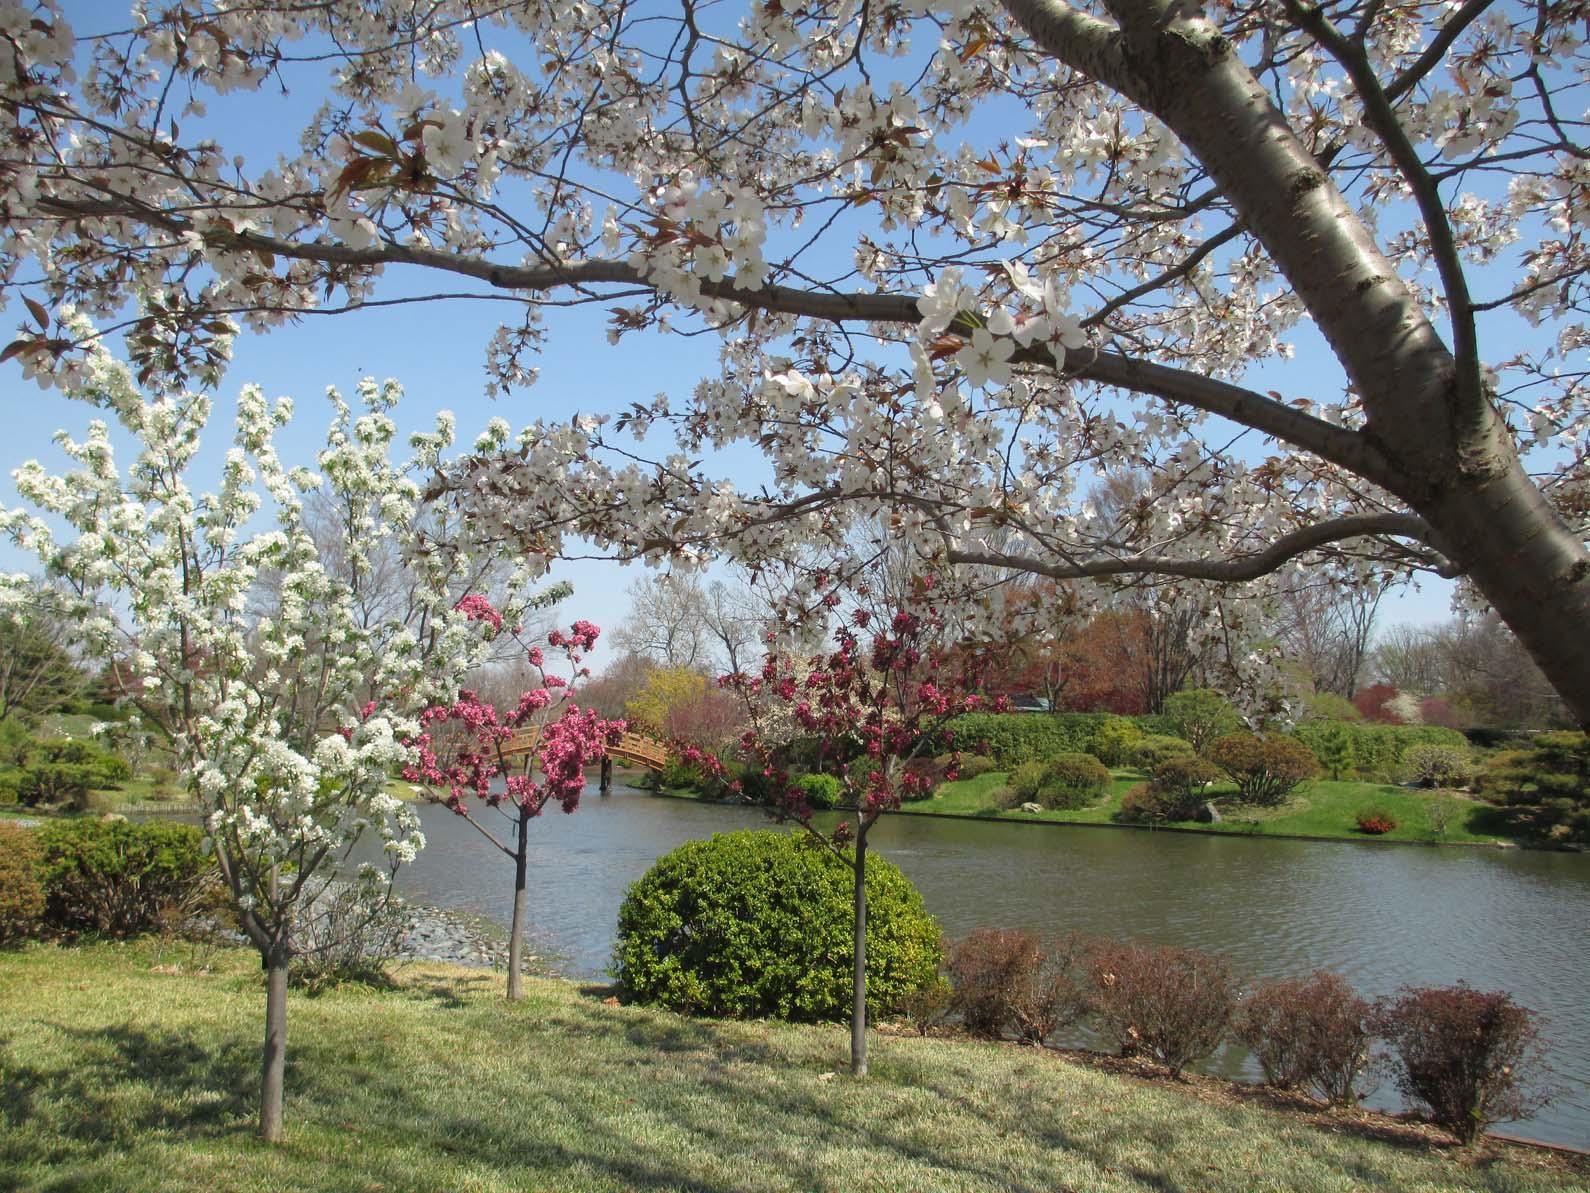 Garden Fancy: Early April Scenes